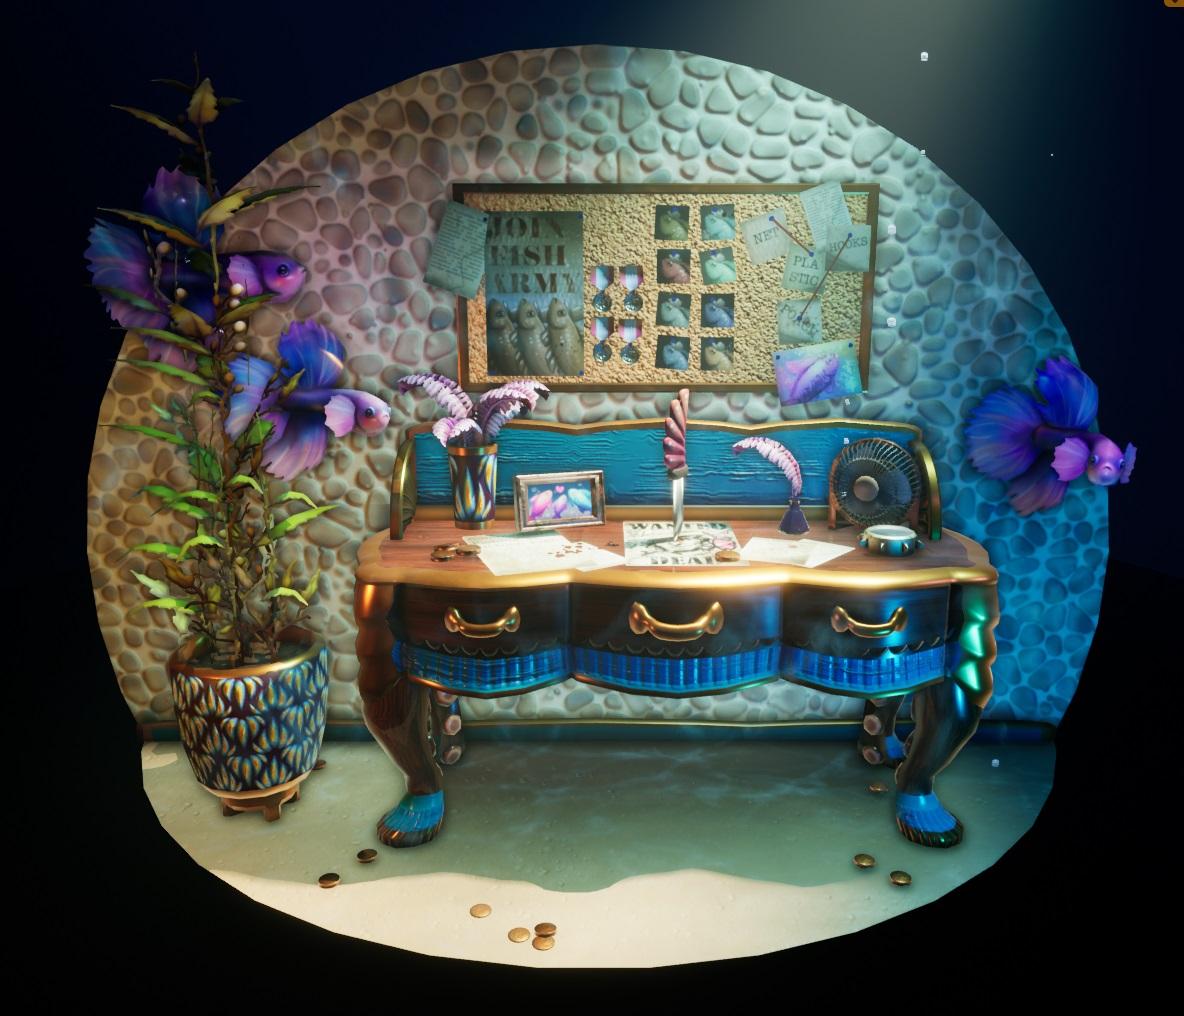 船长的桌子: 在UE4中制作水下透视图